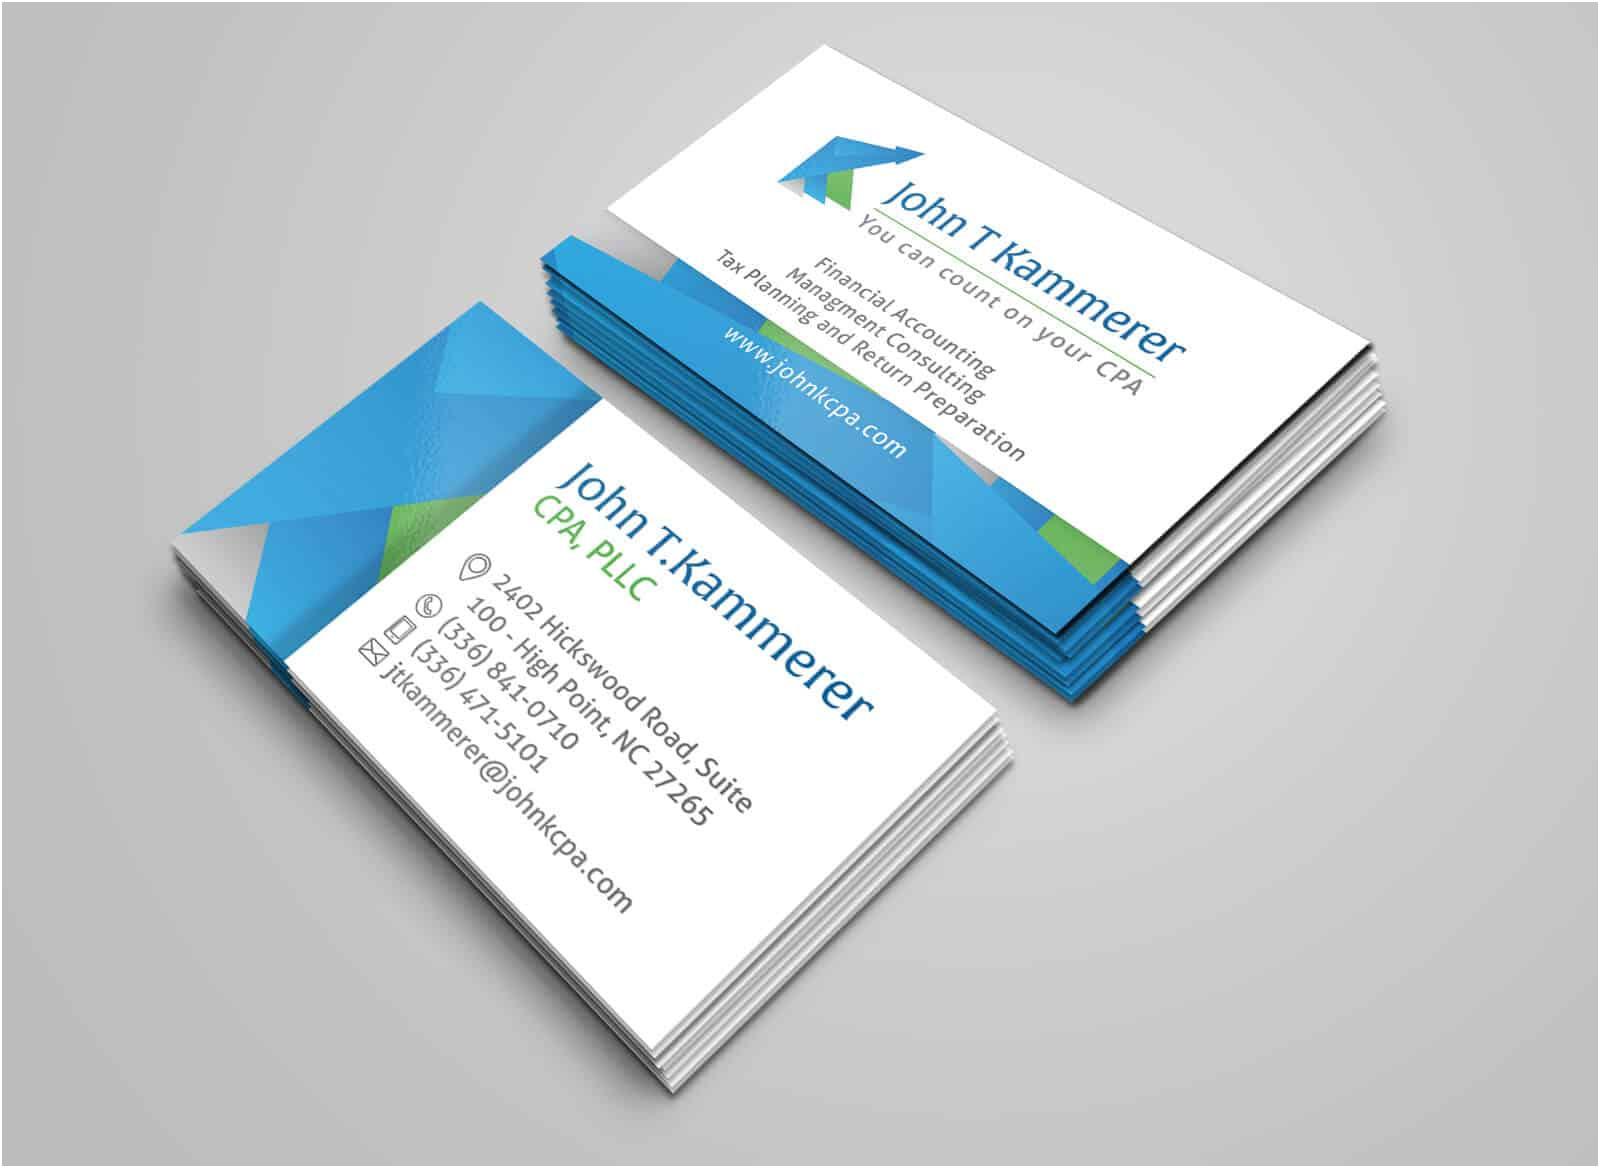 Bookkeeper Business Cards | Andrewdismoremp Intended For Bookkeeping Business Cards Templates Free